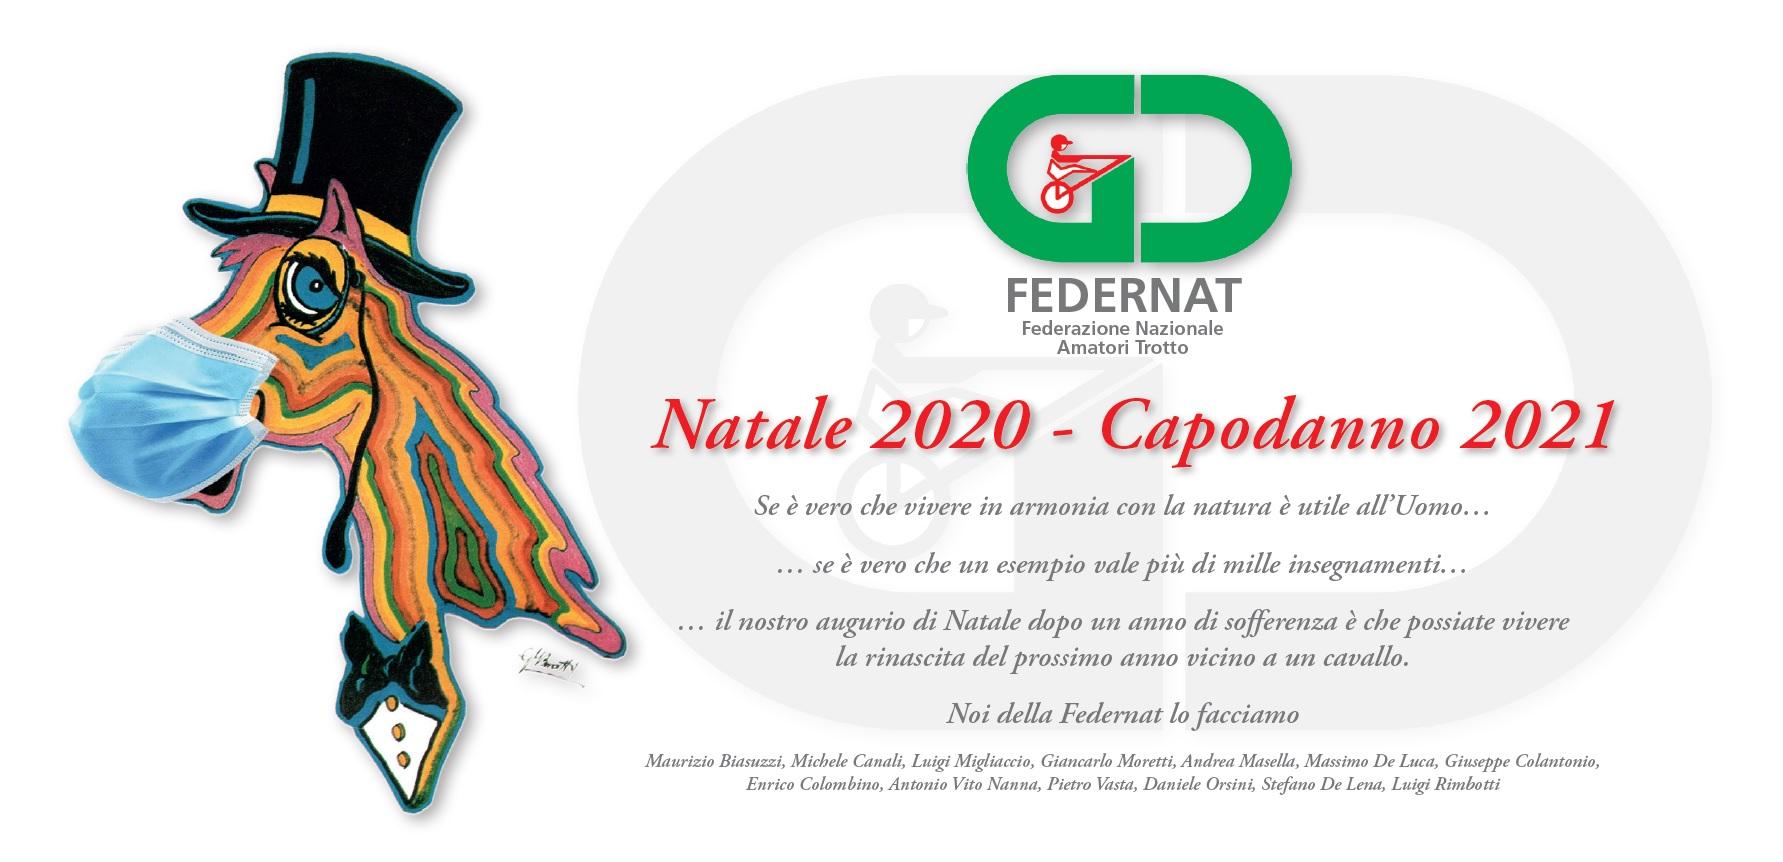 NATALE 2020 - CAPODANNO 2021